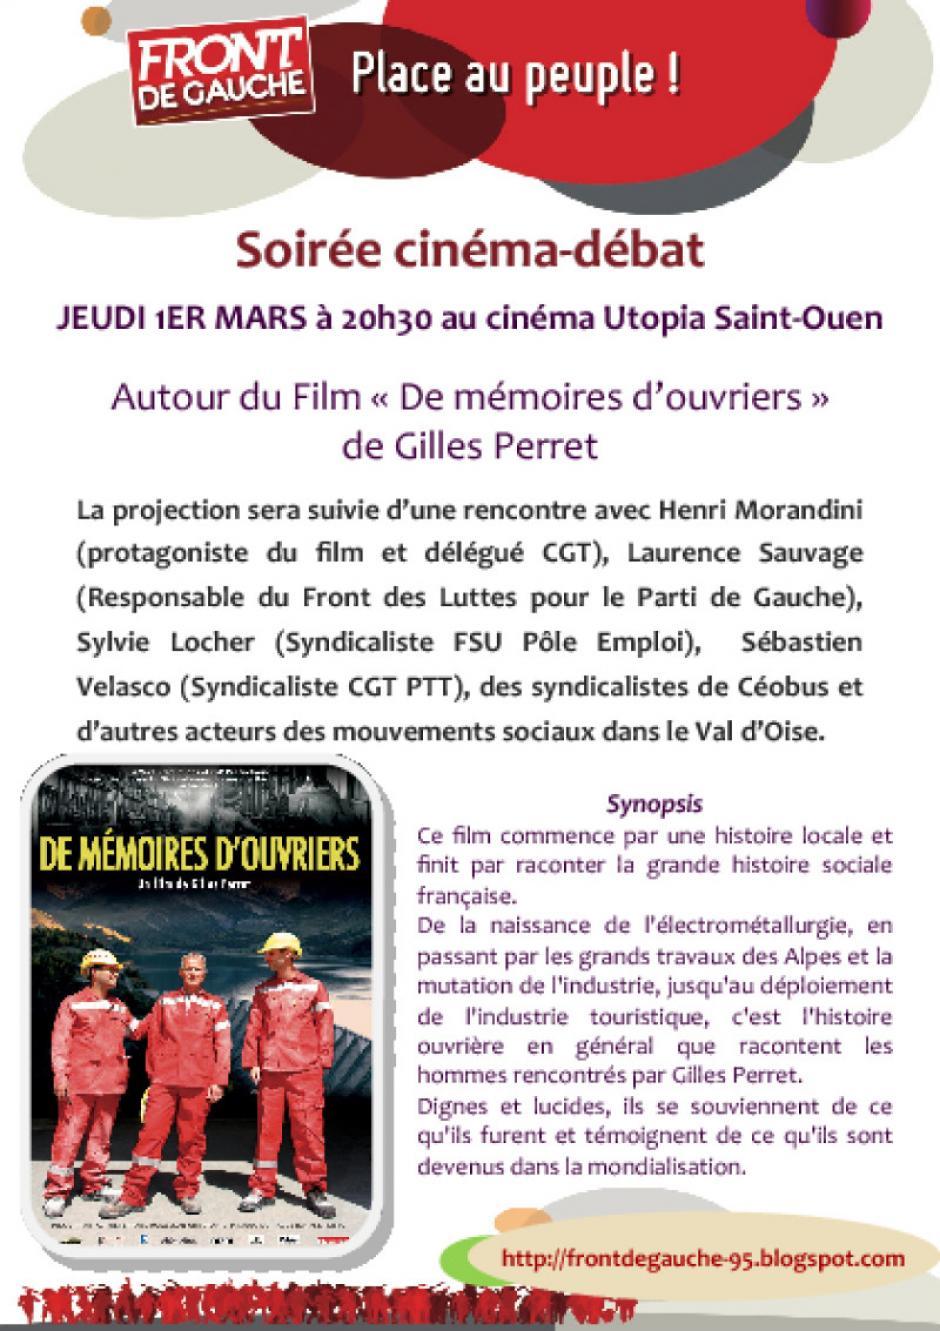 Soirée ciné-débat 1er mars cinéma Utopia Saint Ouen l'Aumône